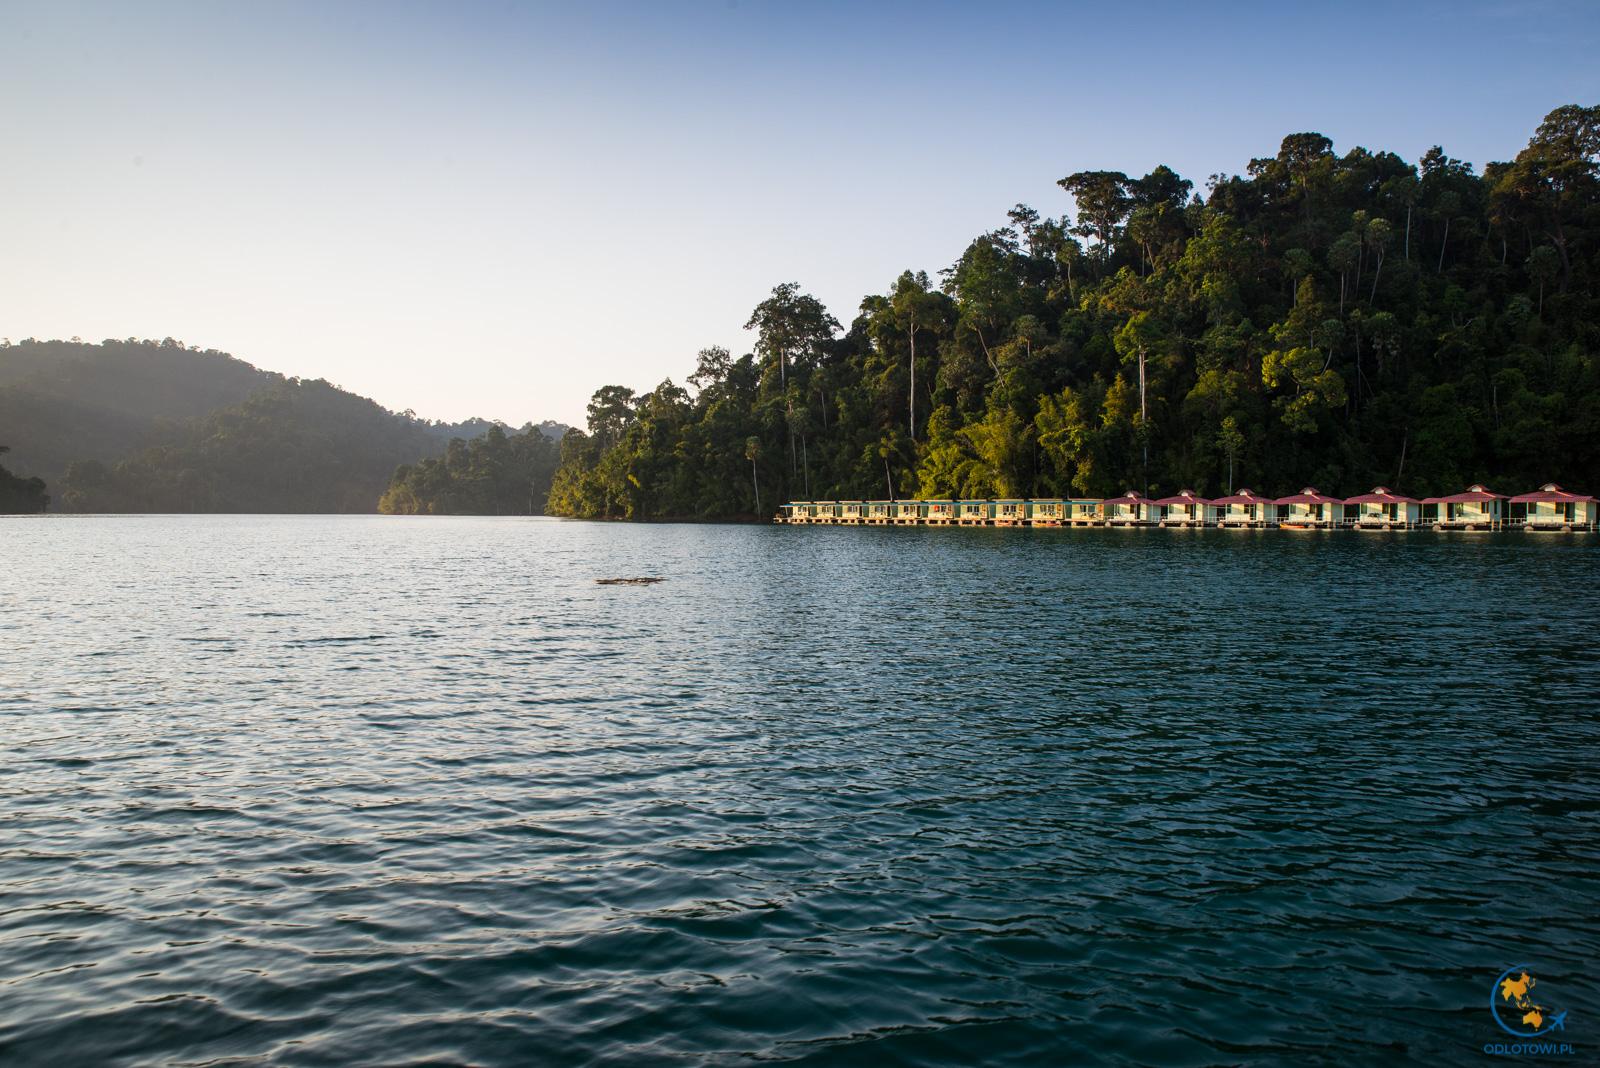 Khao Sok Smiley Lakehouse - sun set | Zachód słońca Khao Sok Lake